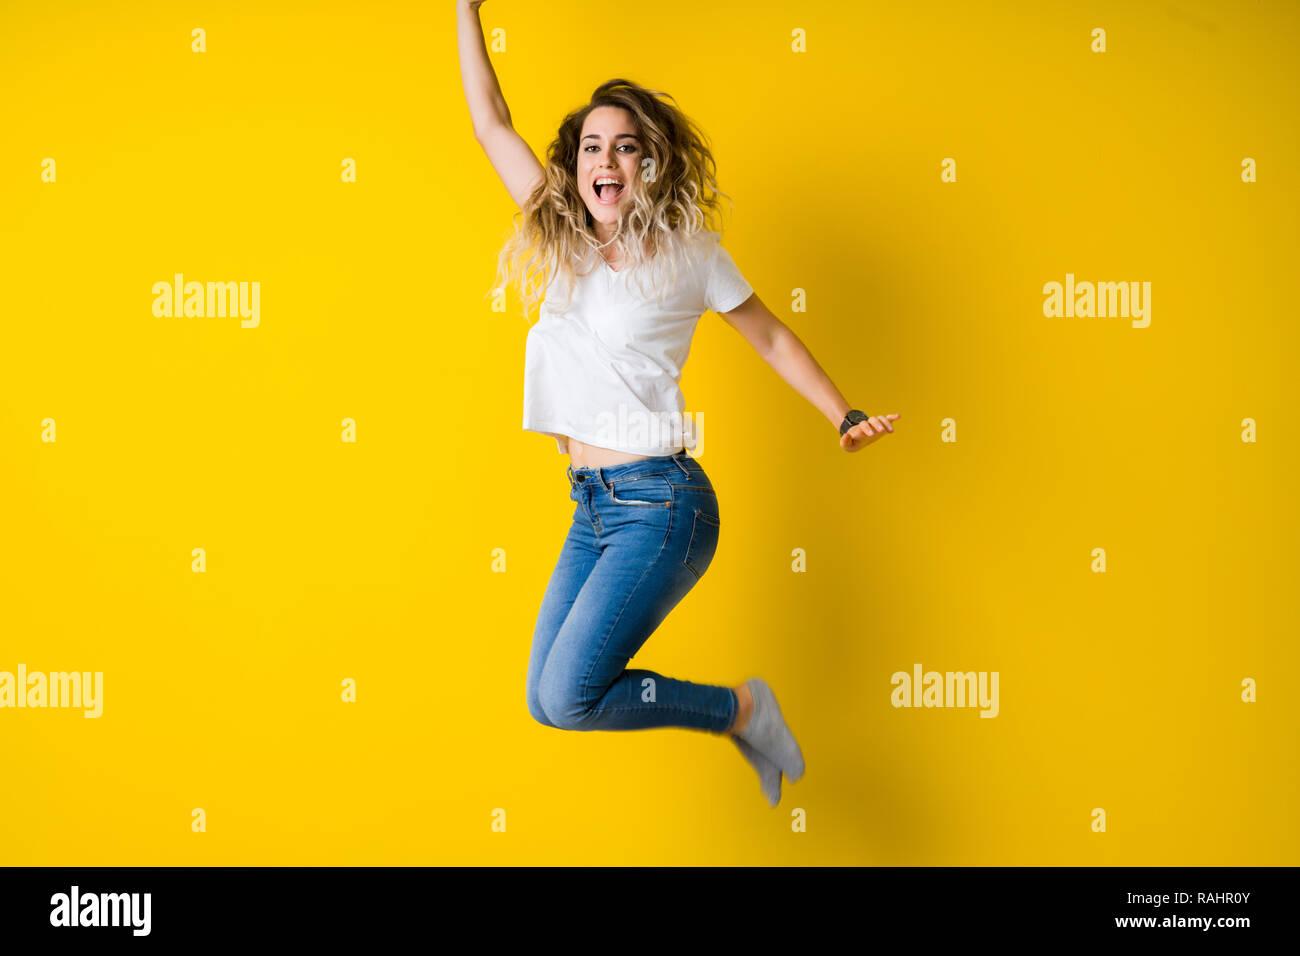 808e9e597a82 Giovane e bella donna bionda jumping felice ed entusiasta isolato su sfondo  giallo Immagini Stock